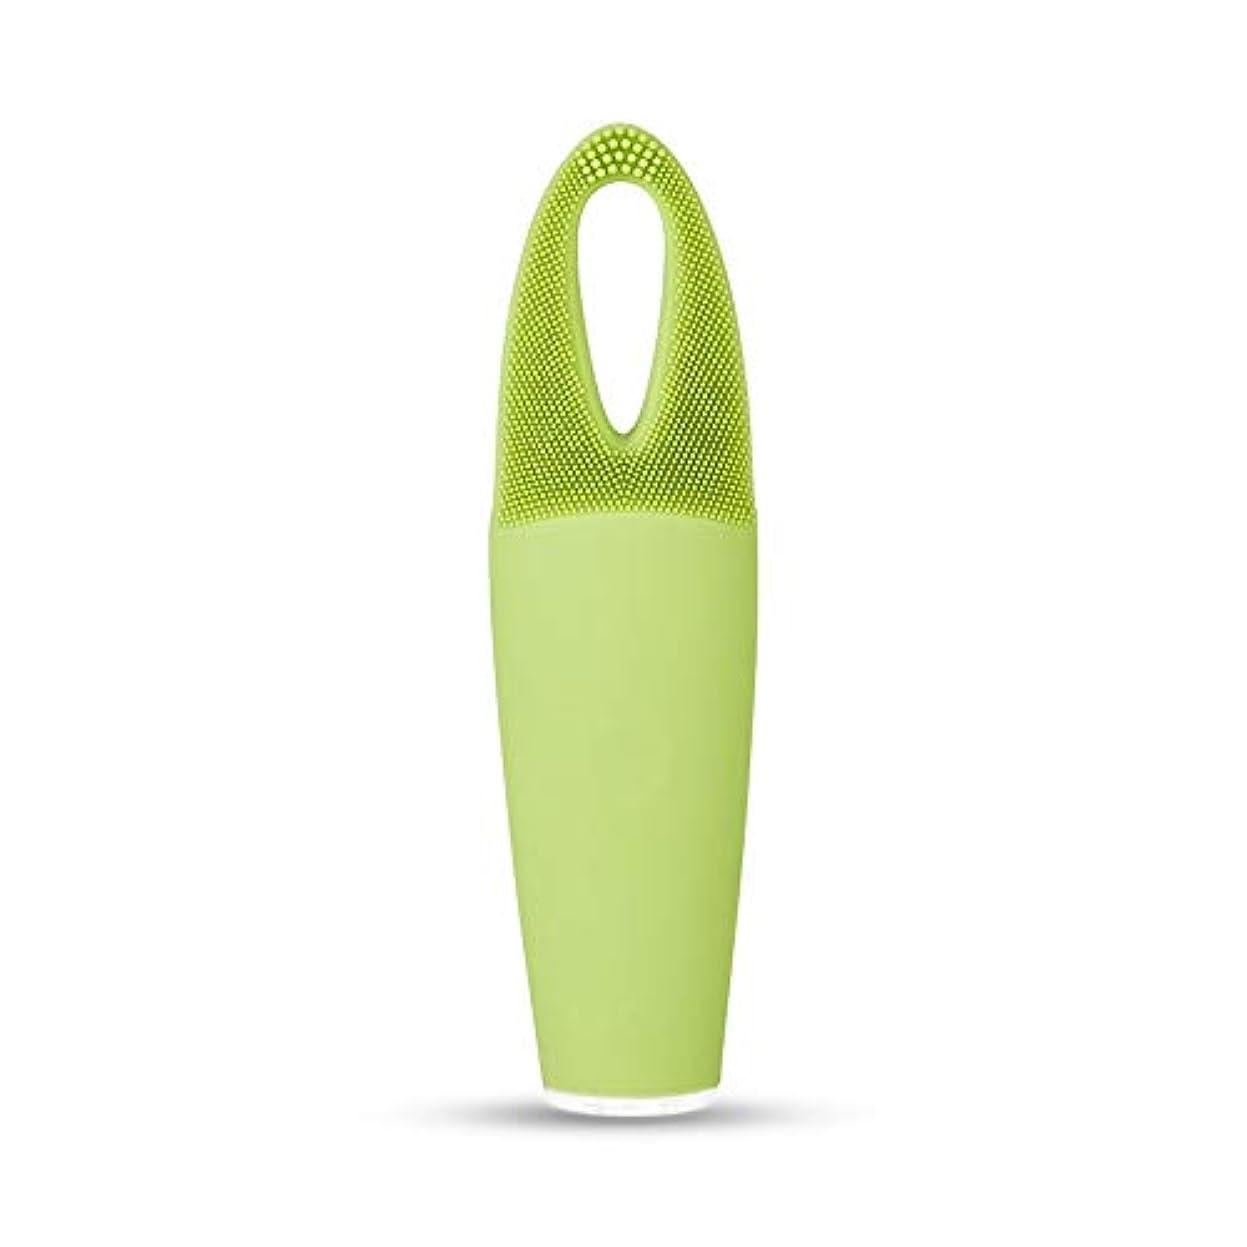 プレミアについてテクスチャーZXF 電気防水両面クレンジングブラシ超音波振動シリコーンクレンジング楽器敏感な筋肉洗浄器具美容器具マッサージ器具 滑らかである